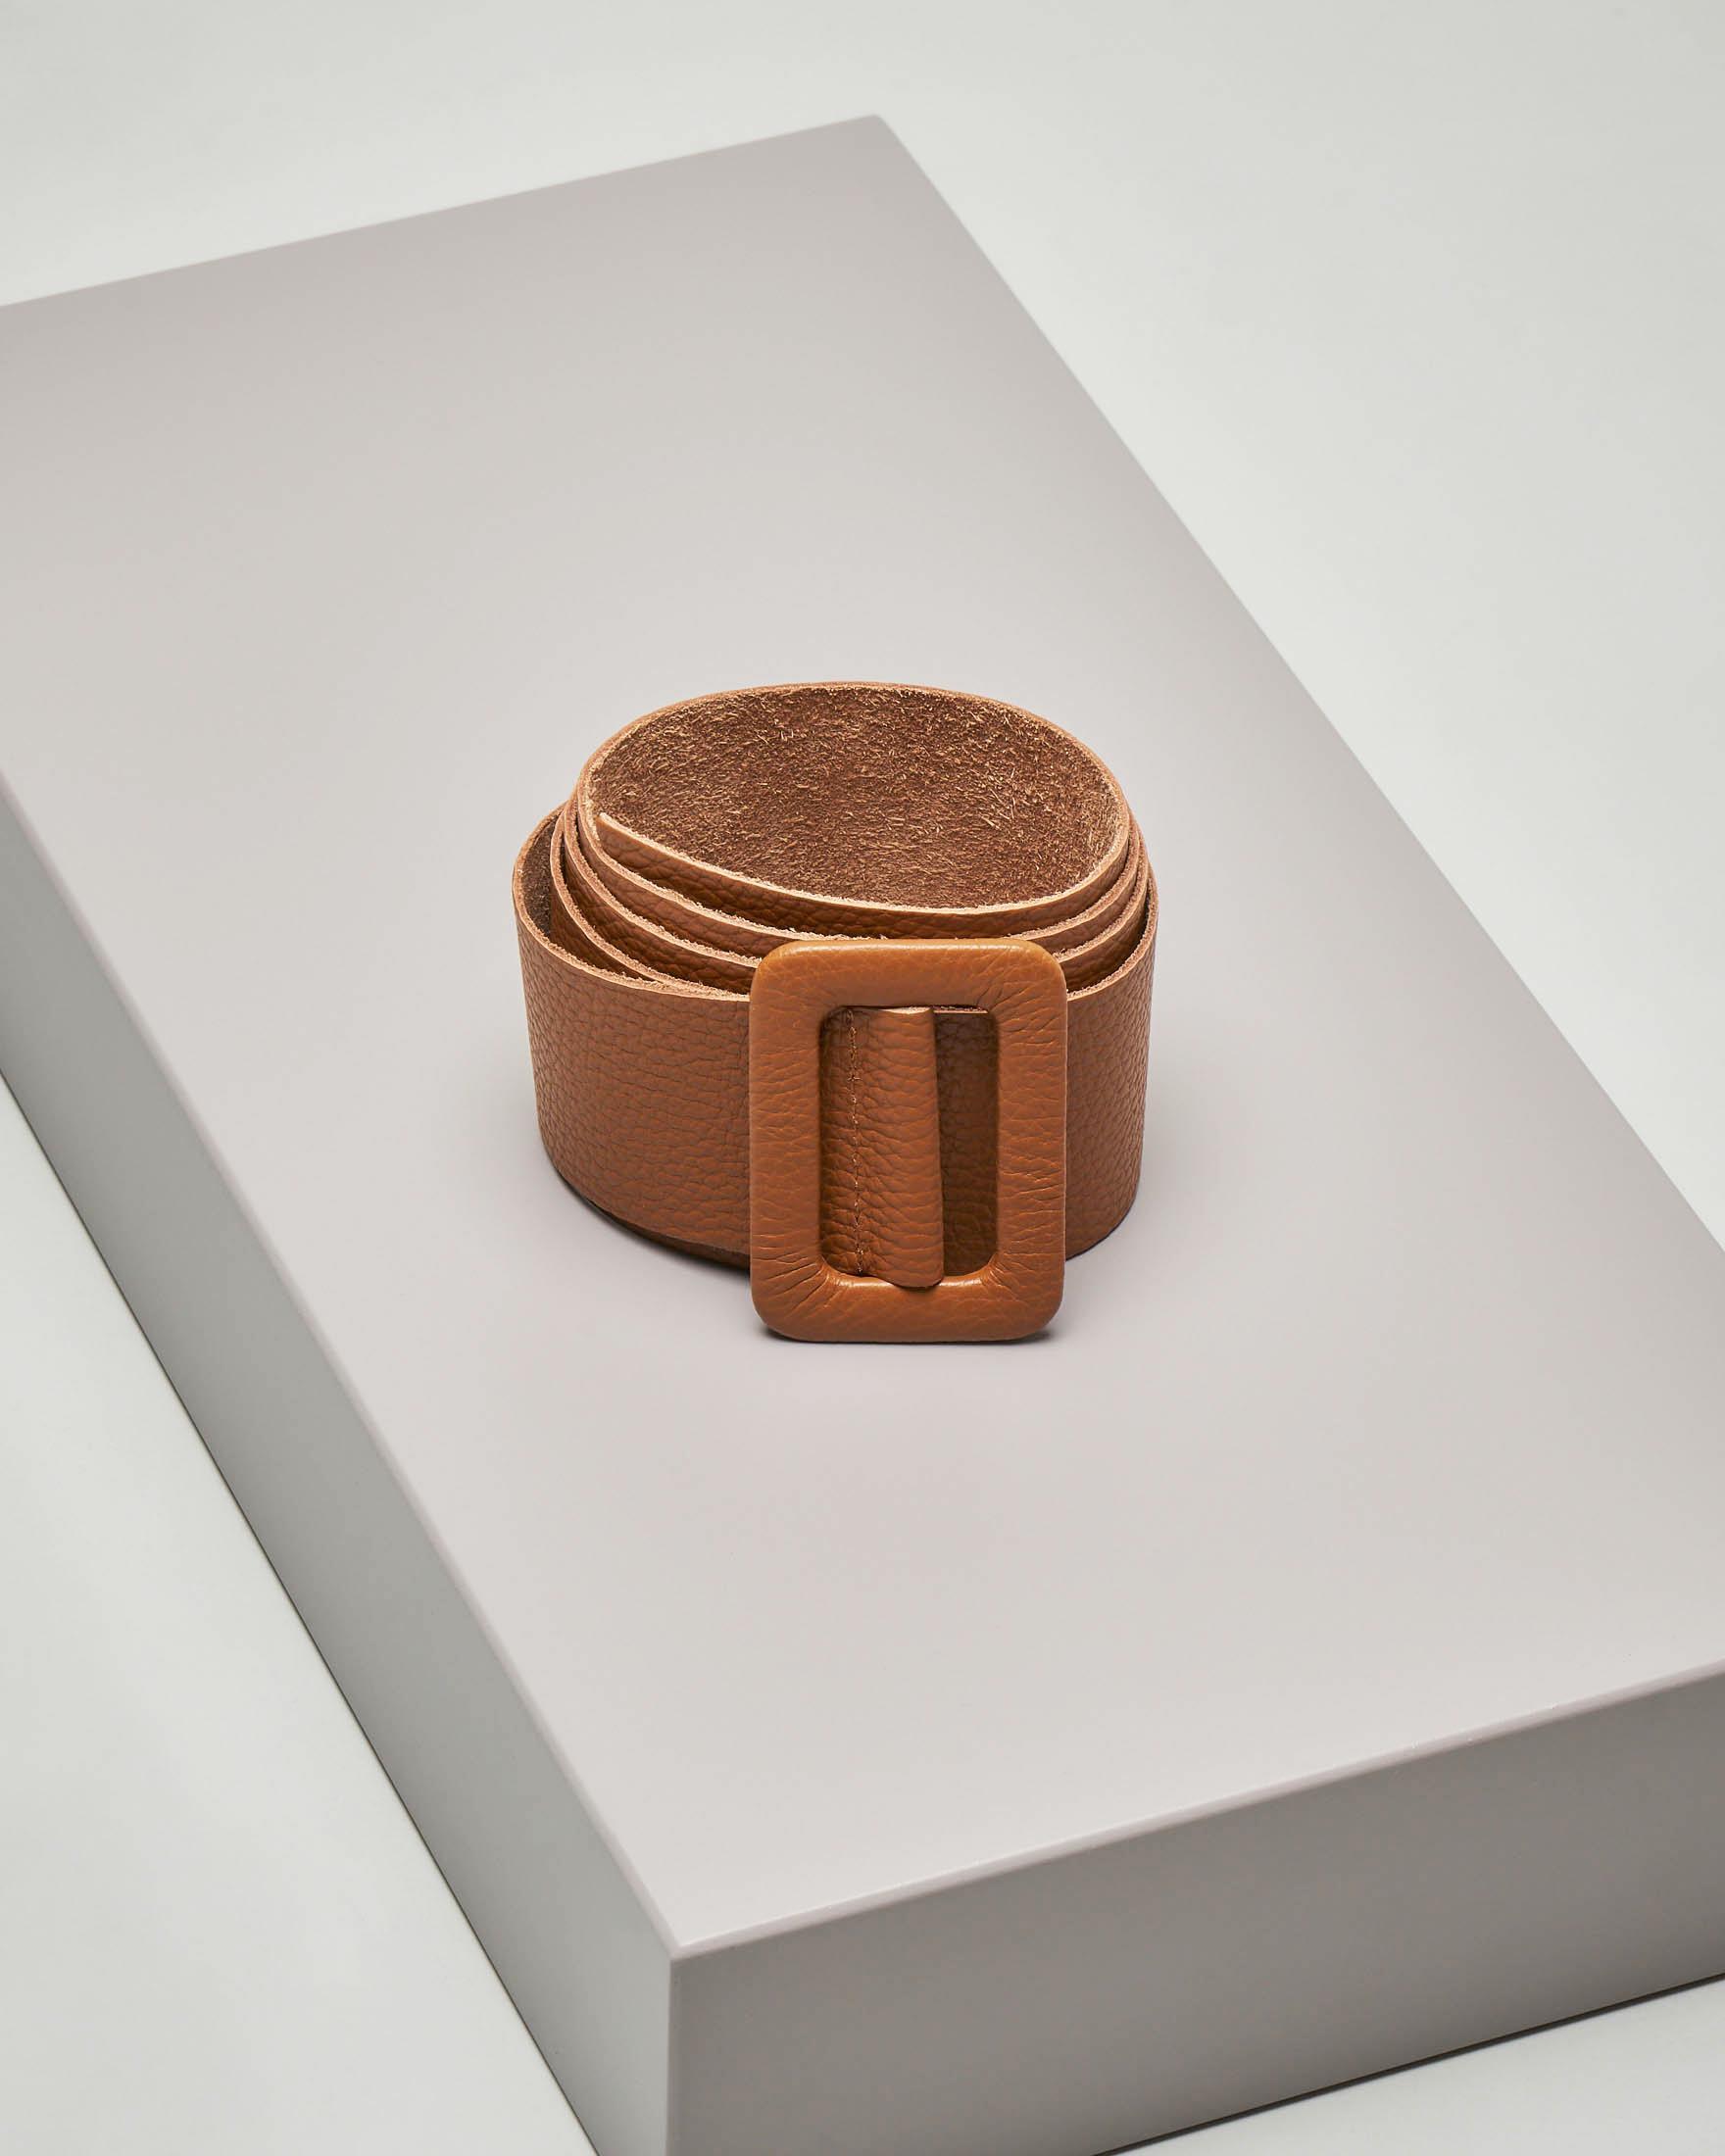 Cintura in pelle liscia color cuoio con fibbia tono su tono